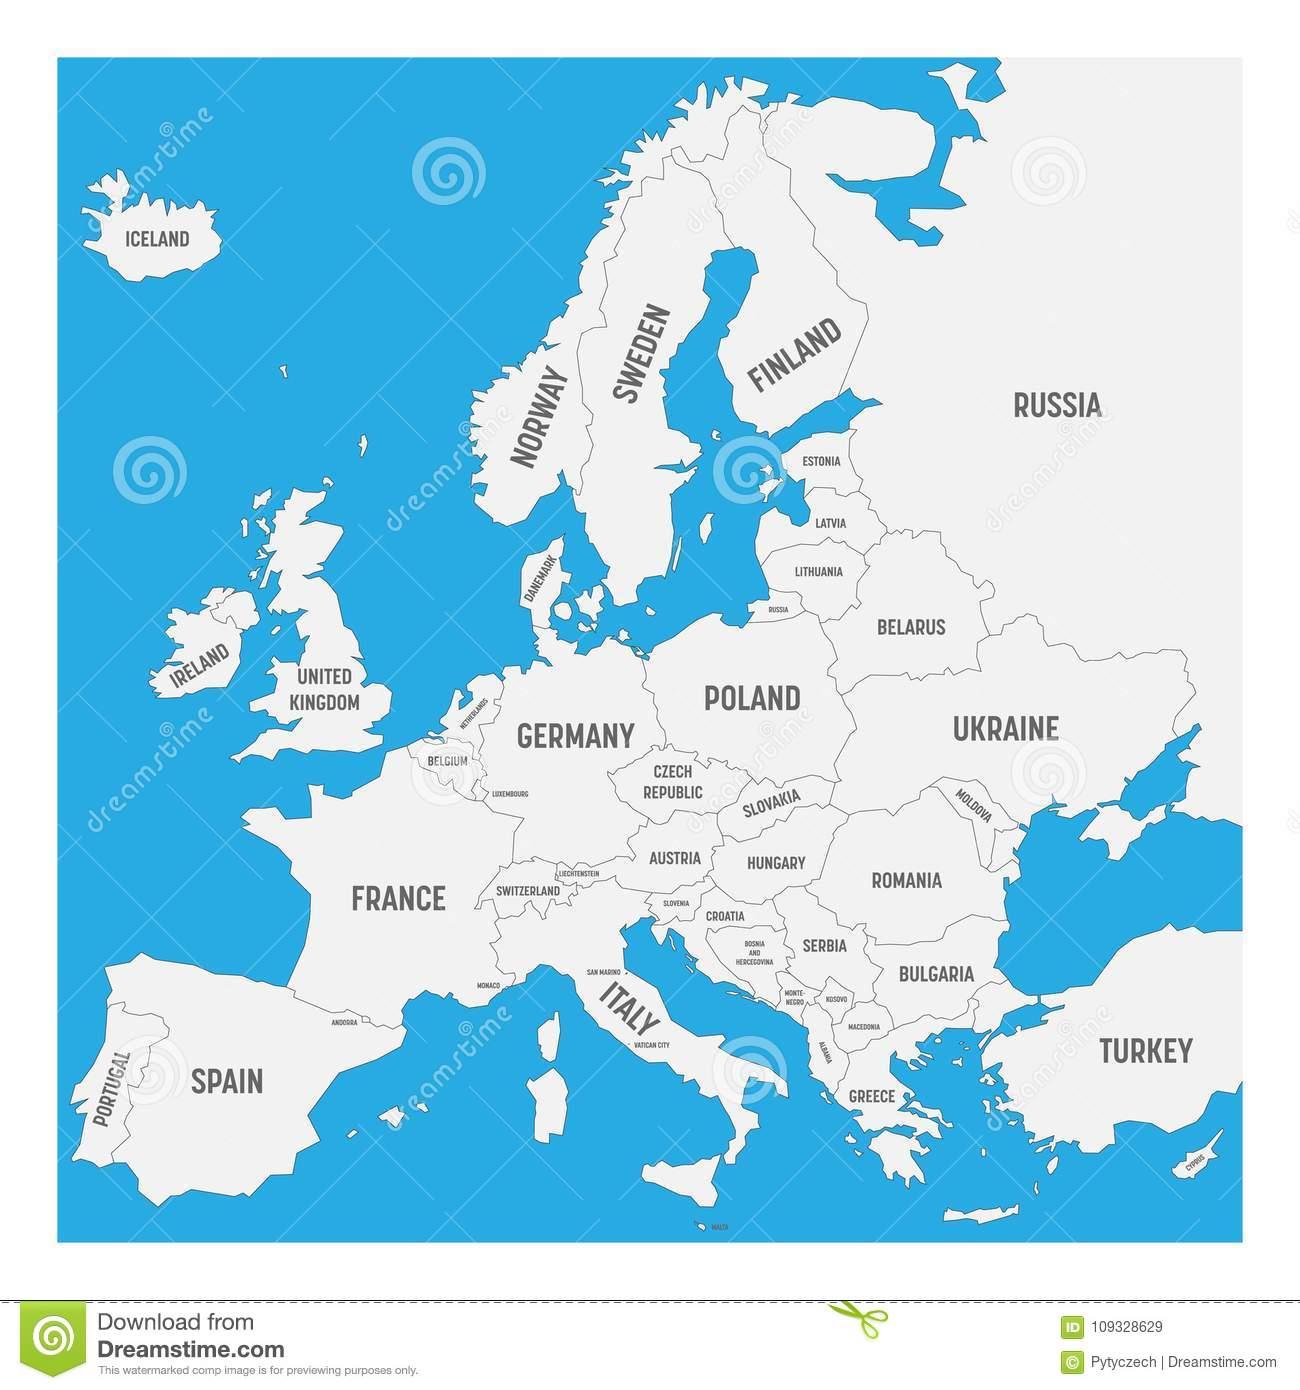 Carte De L'europe Avec Des Noms Des Pays Souverains, Petits tout Carte D Europe Avec Pays